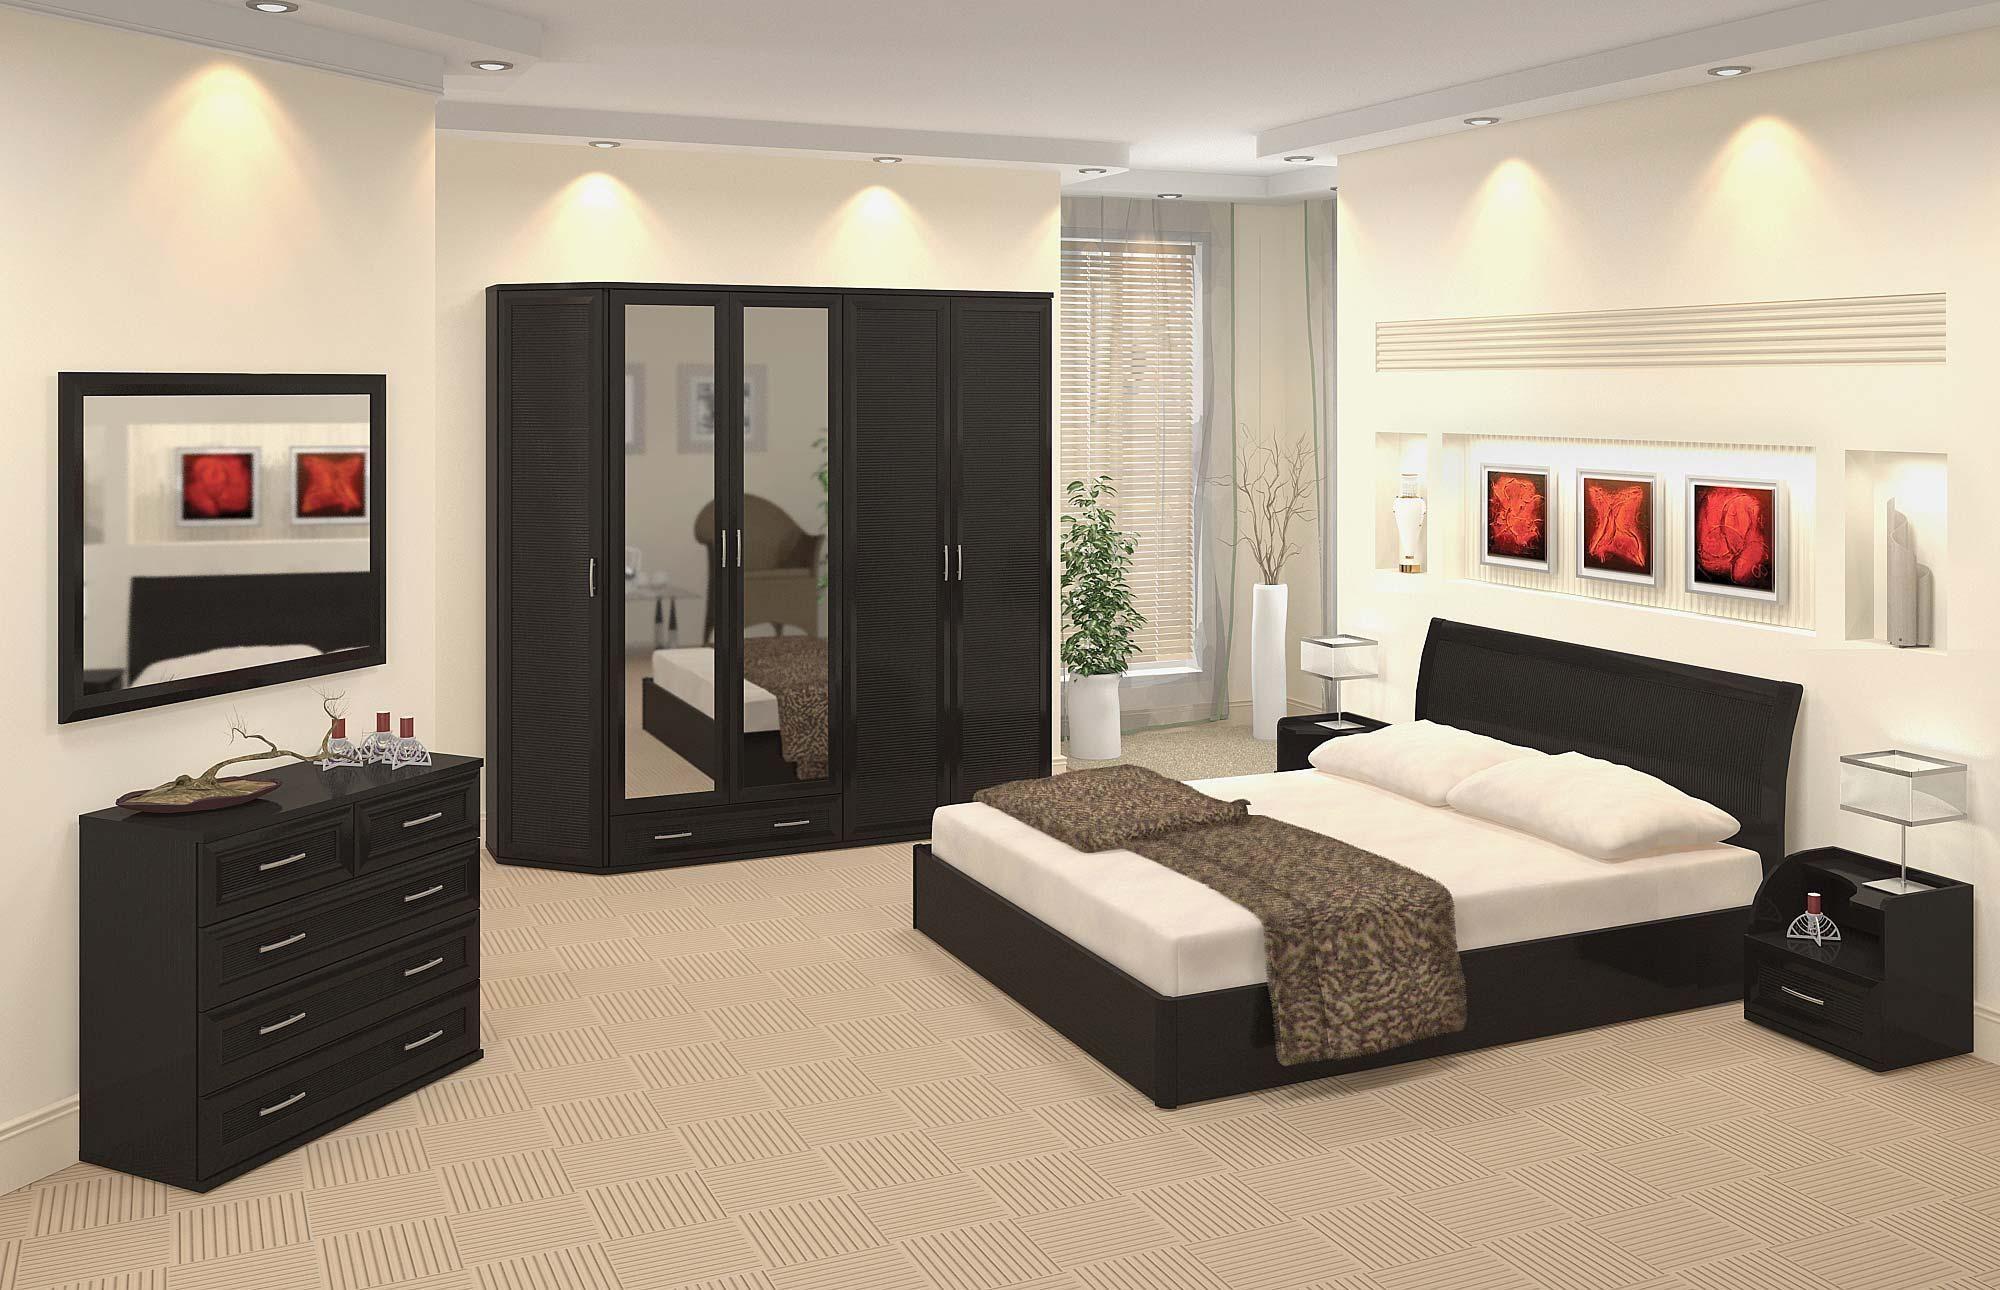 Latest Bedroom Renovations June, 2018 Bedroom color